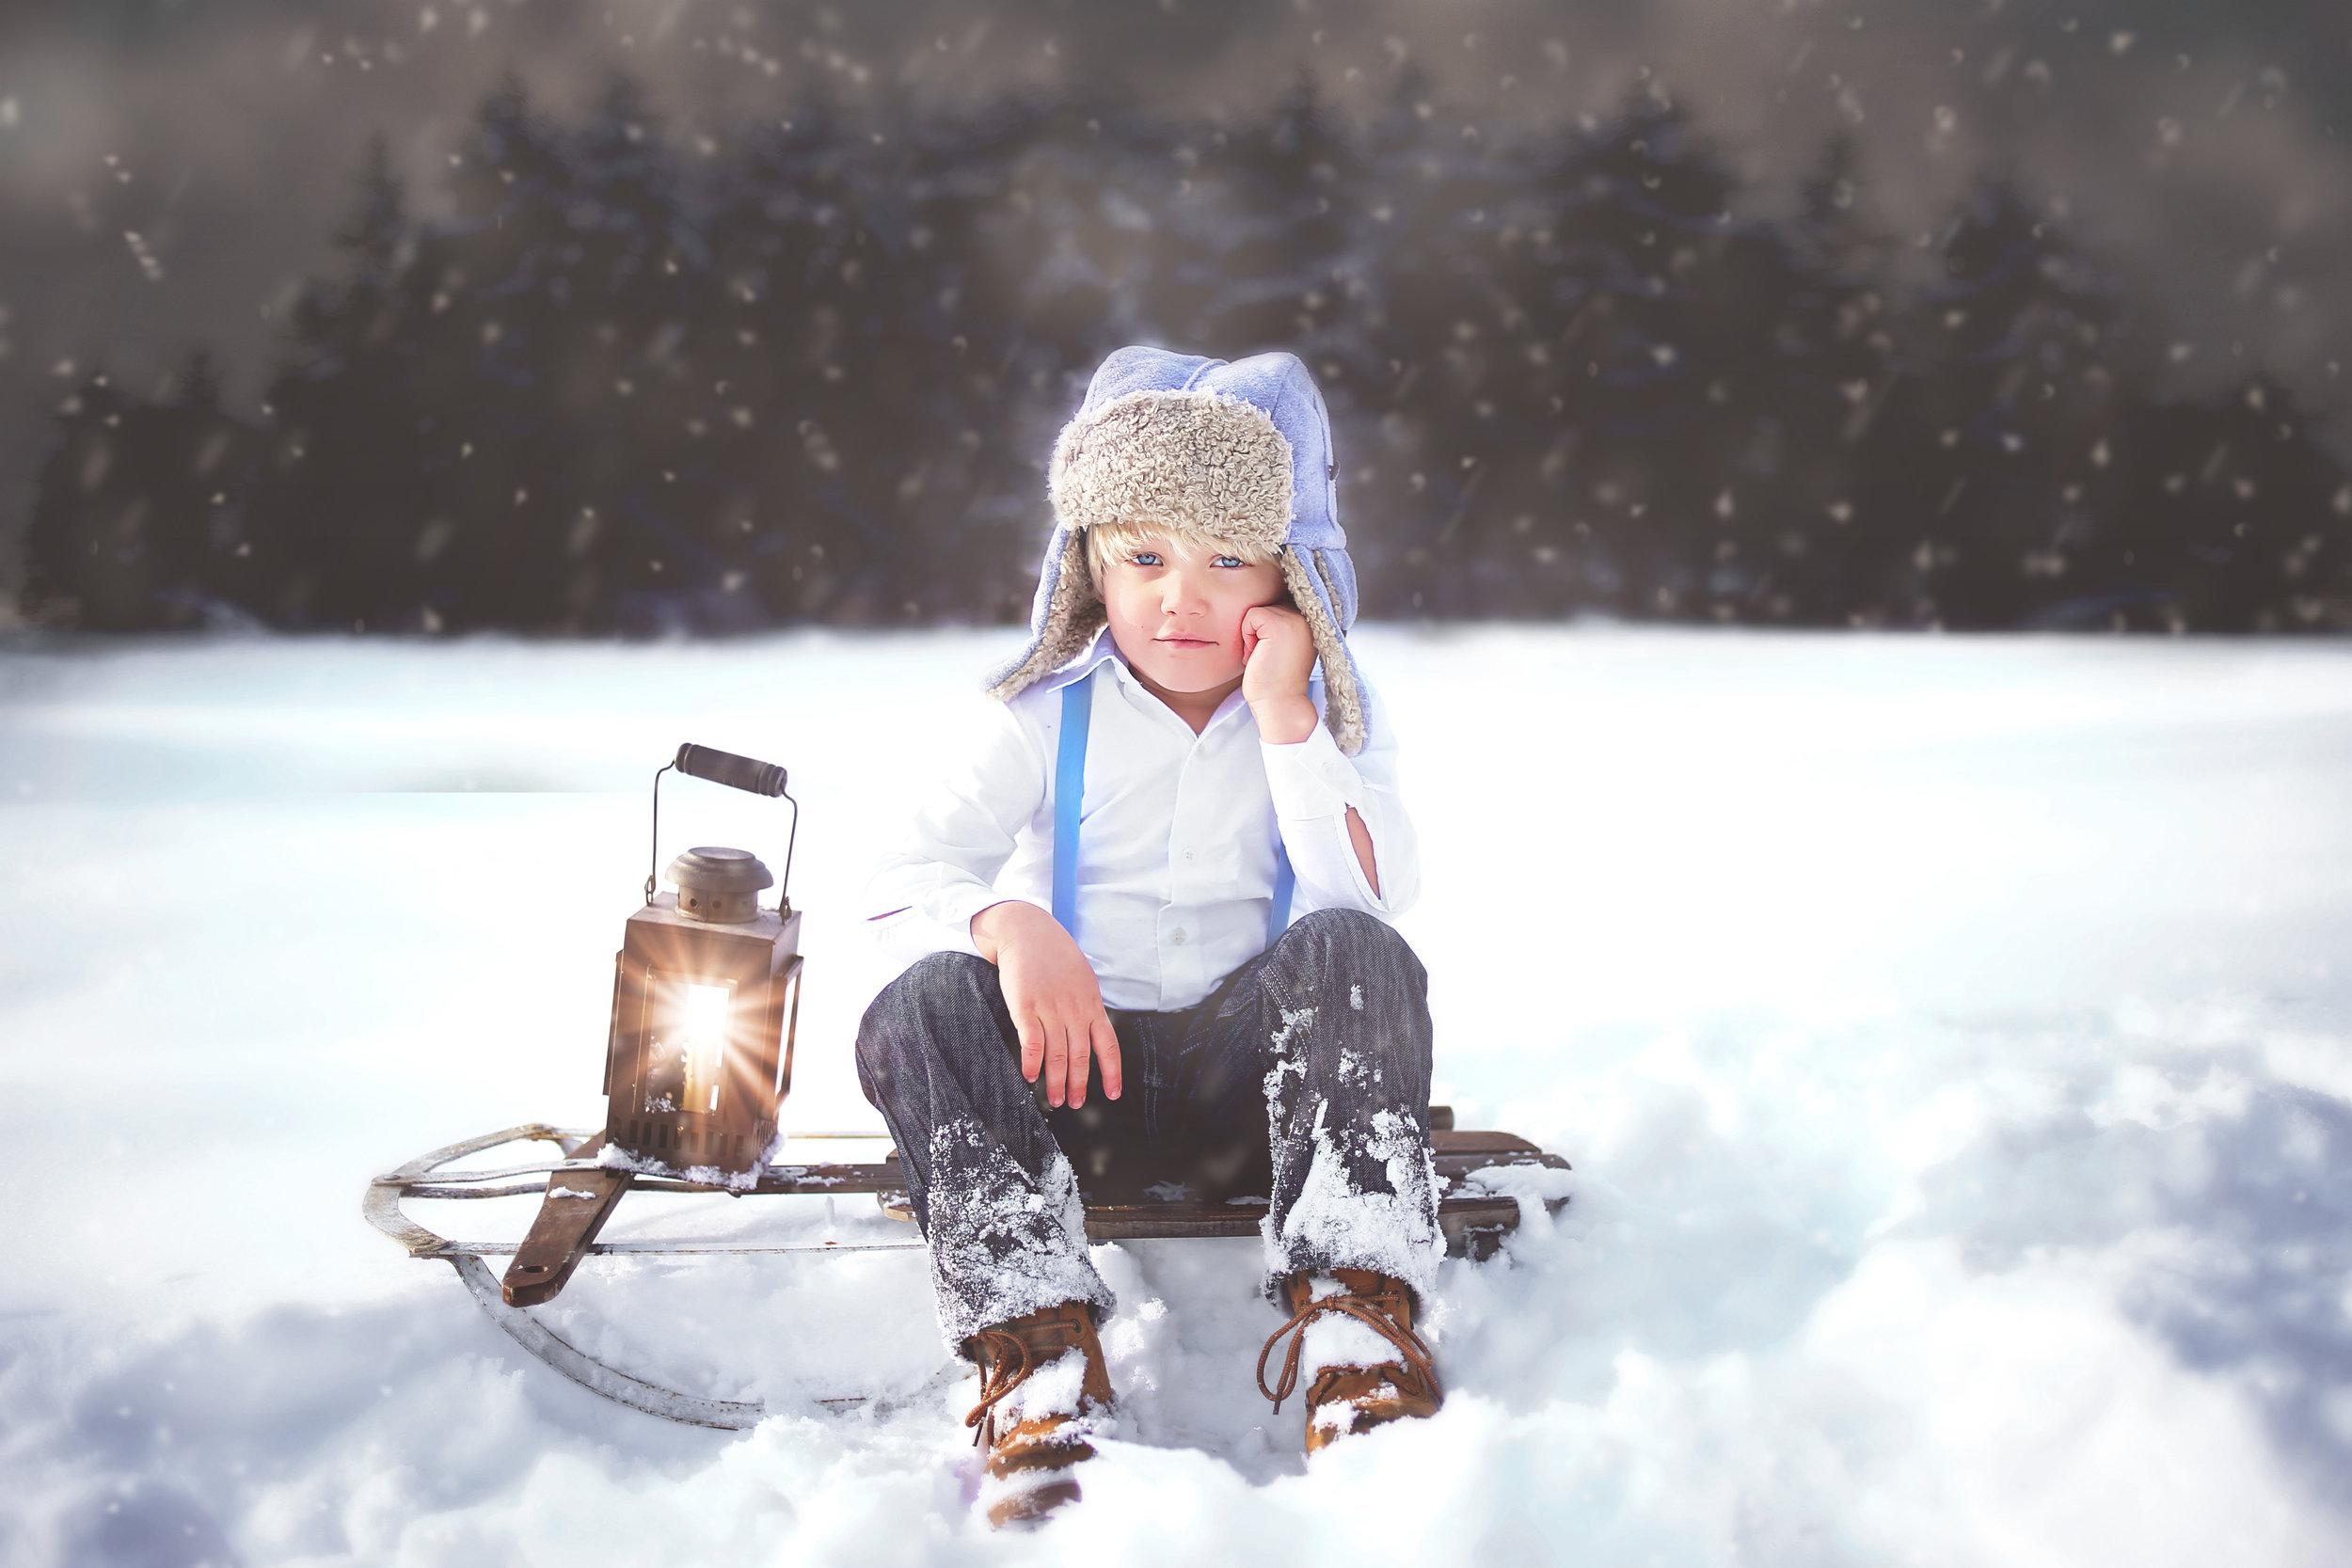 child photographer in buffalo, ny